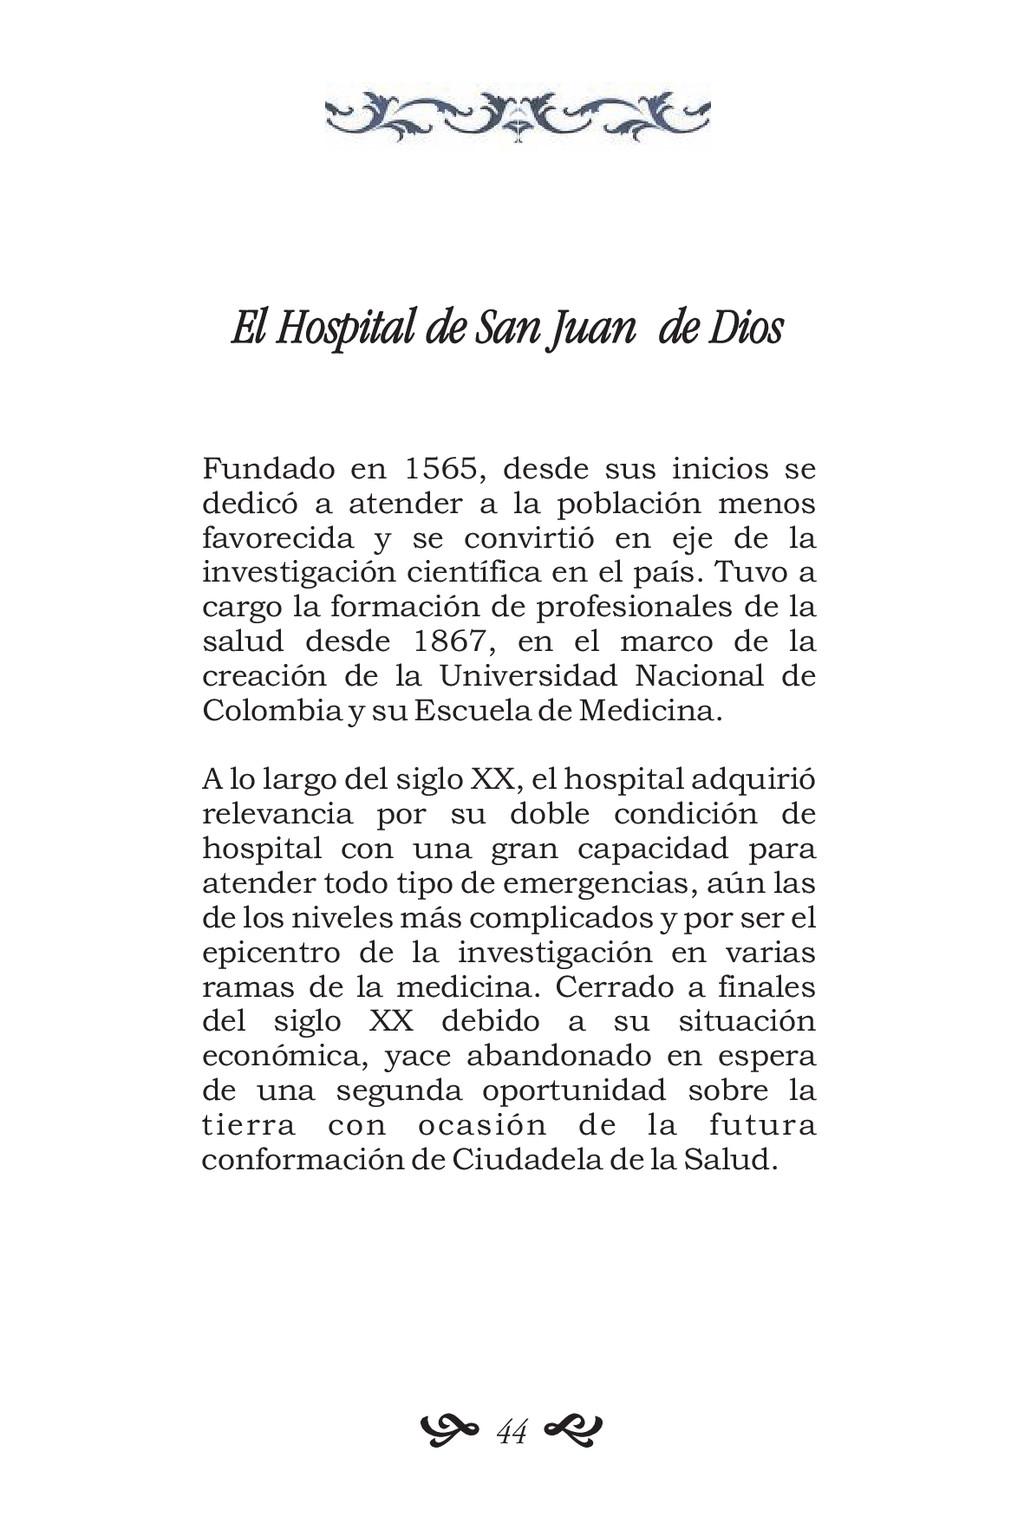 El Hospital de San Juan de Dios Fundado en 1565...